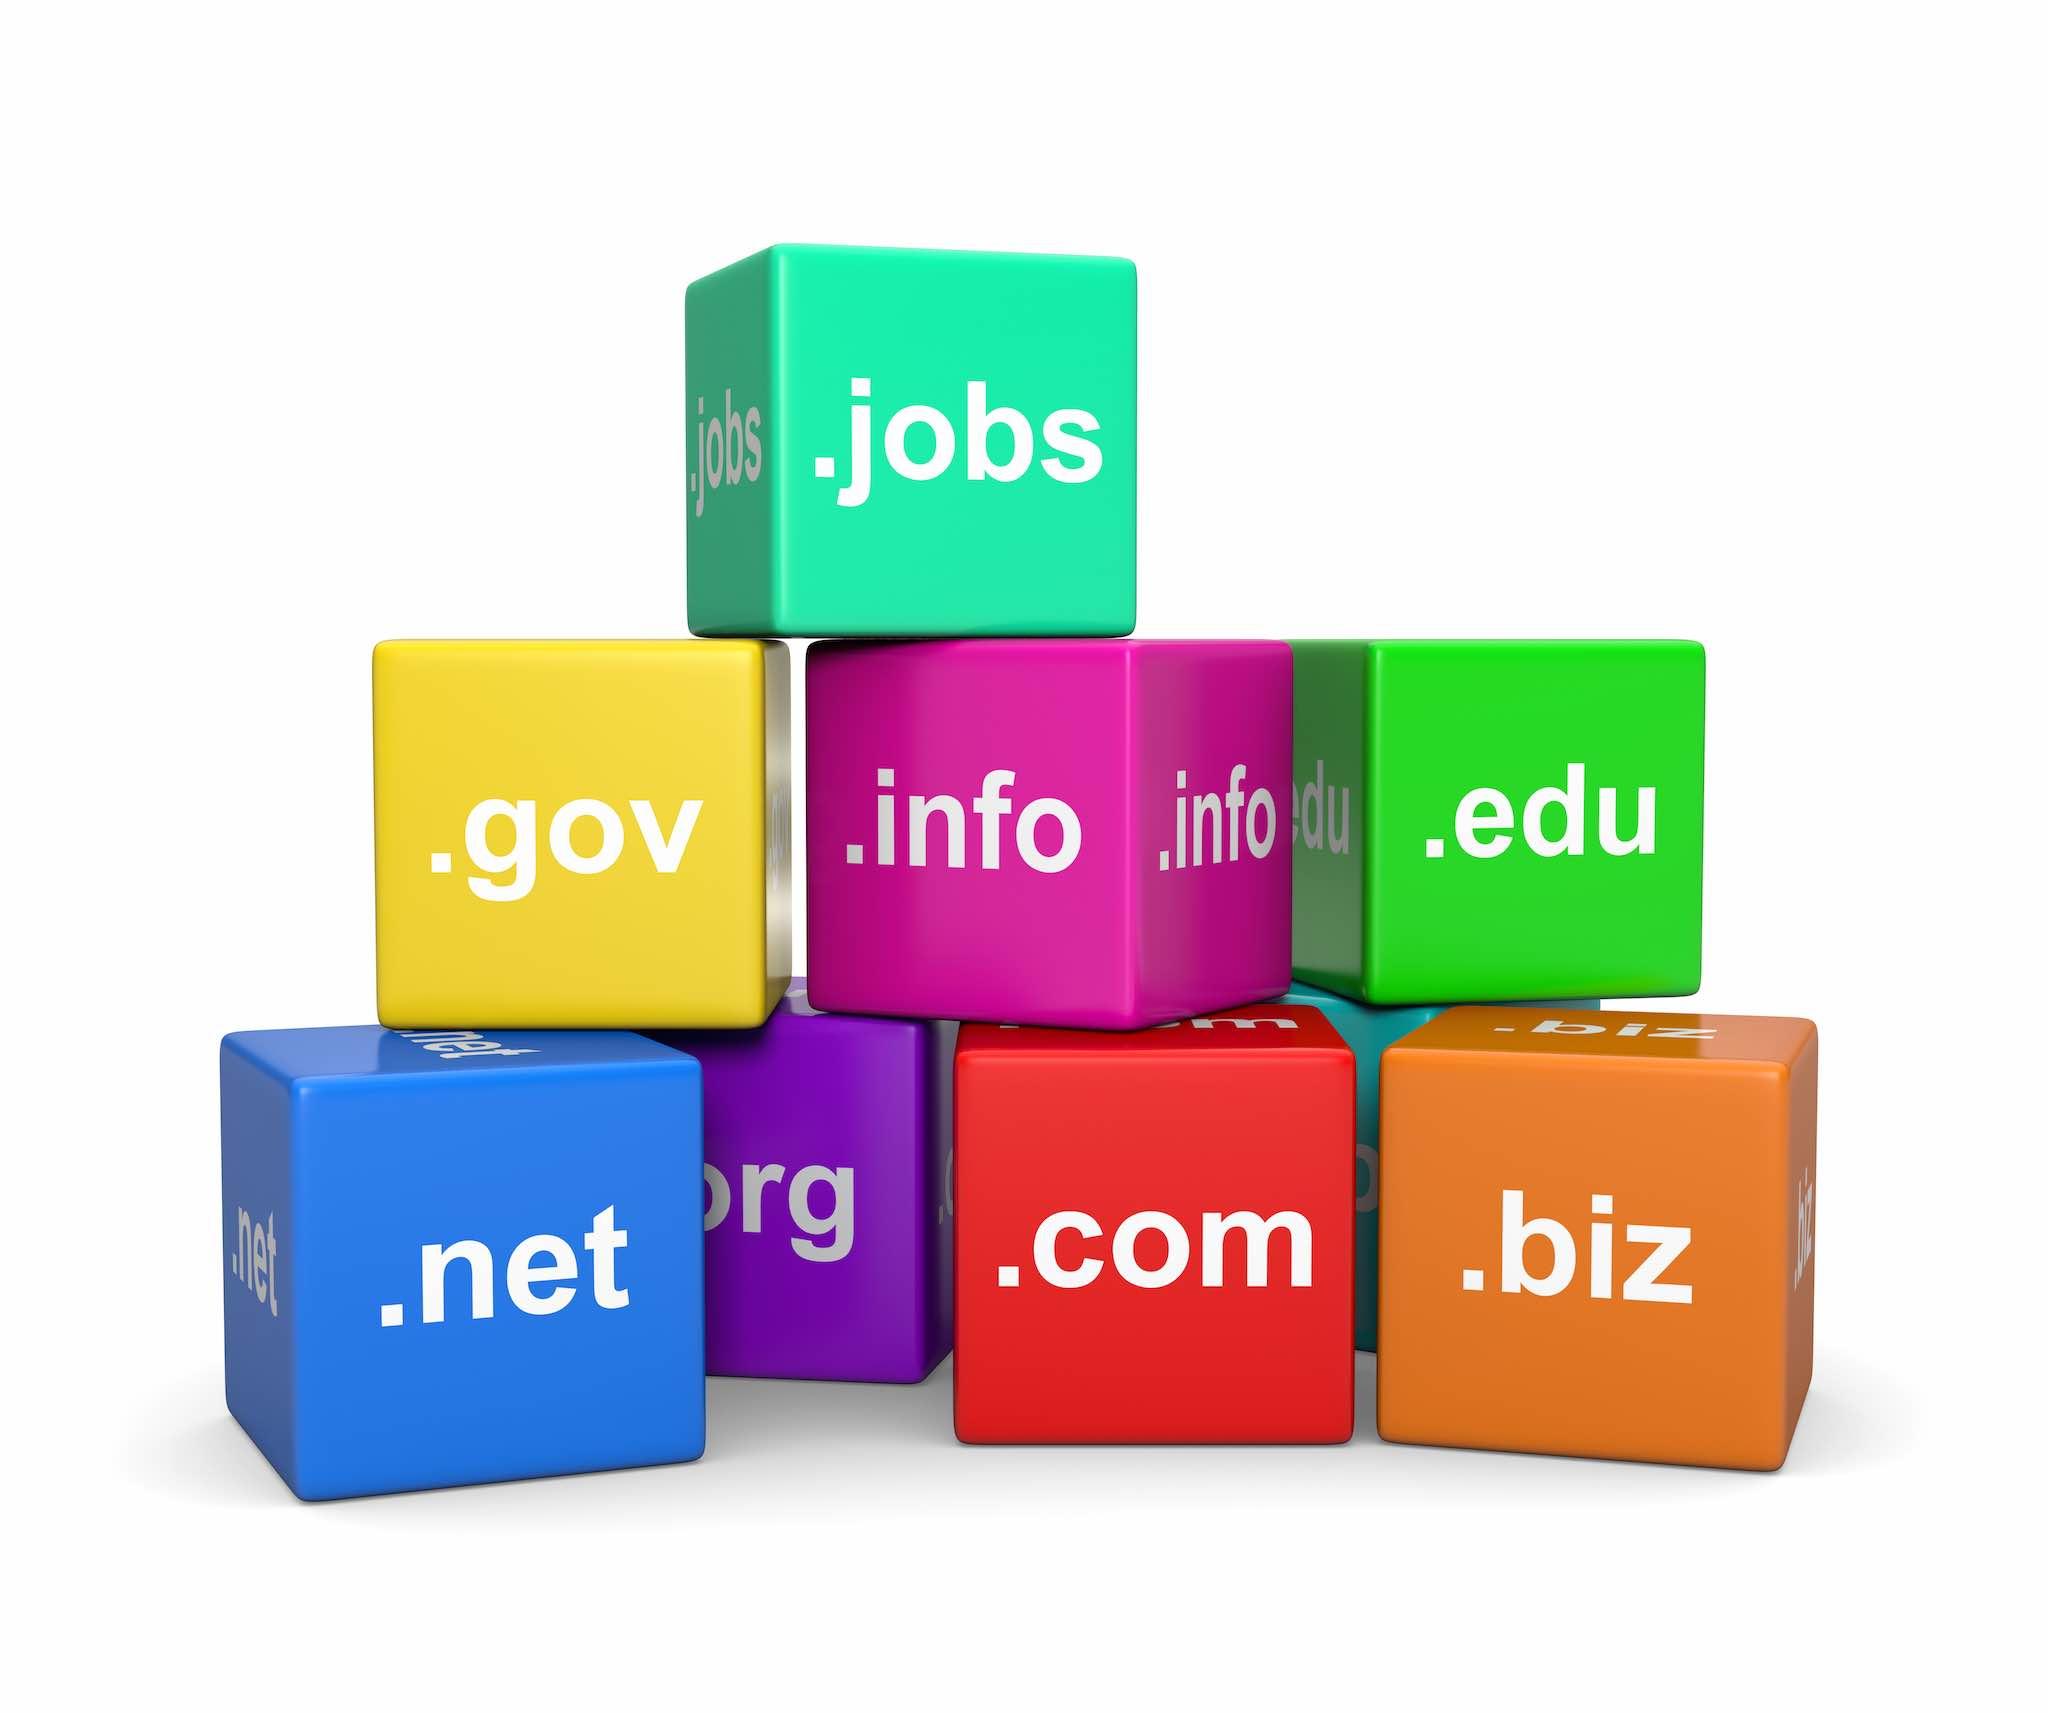 Домейнът подпомага разрастването на аудиторията на вашия уебсайт като прави адреса на сайта кратък и лесен за запомняне.